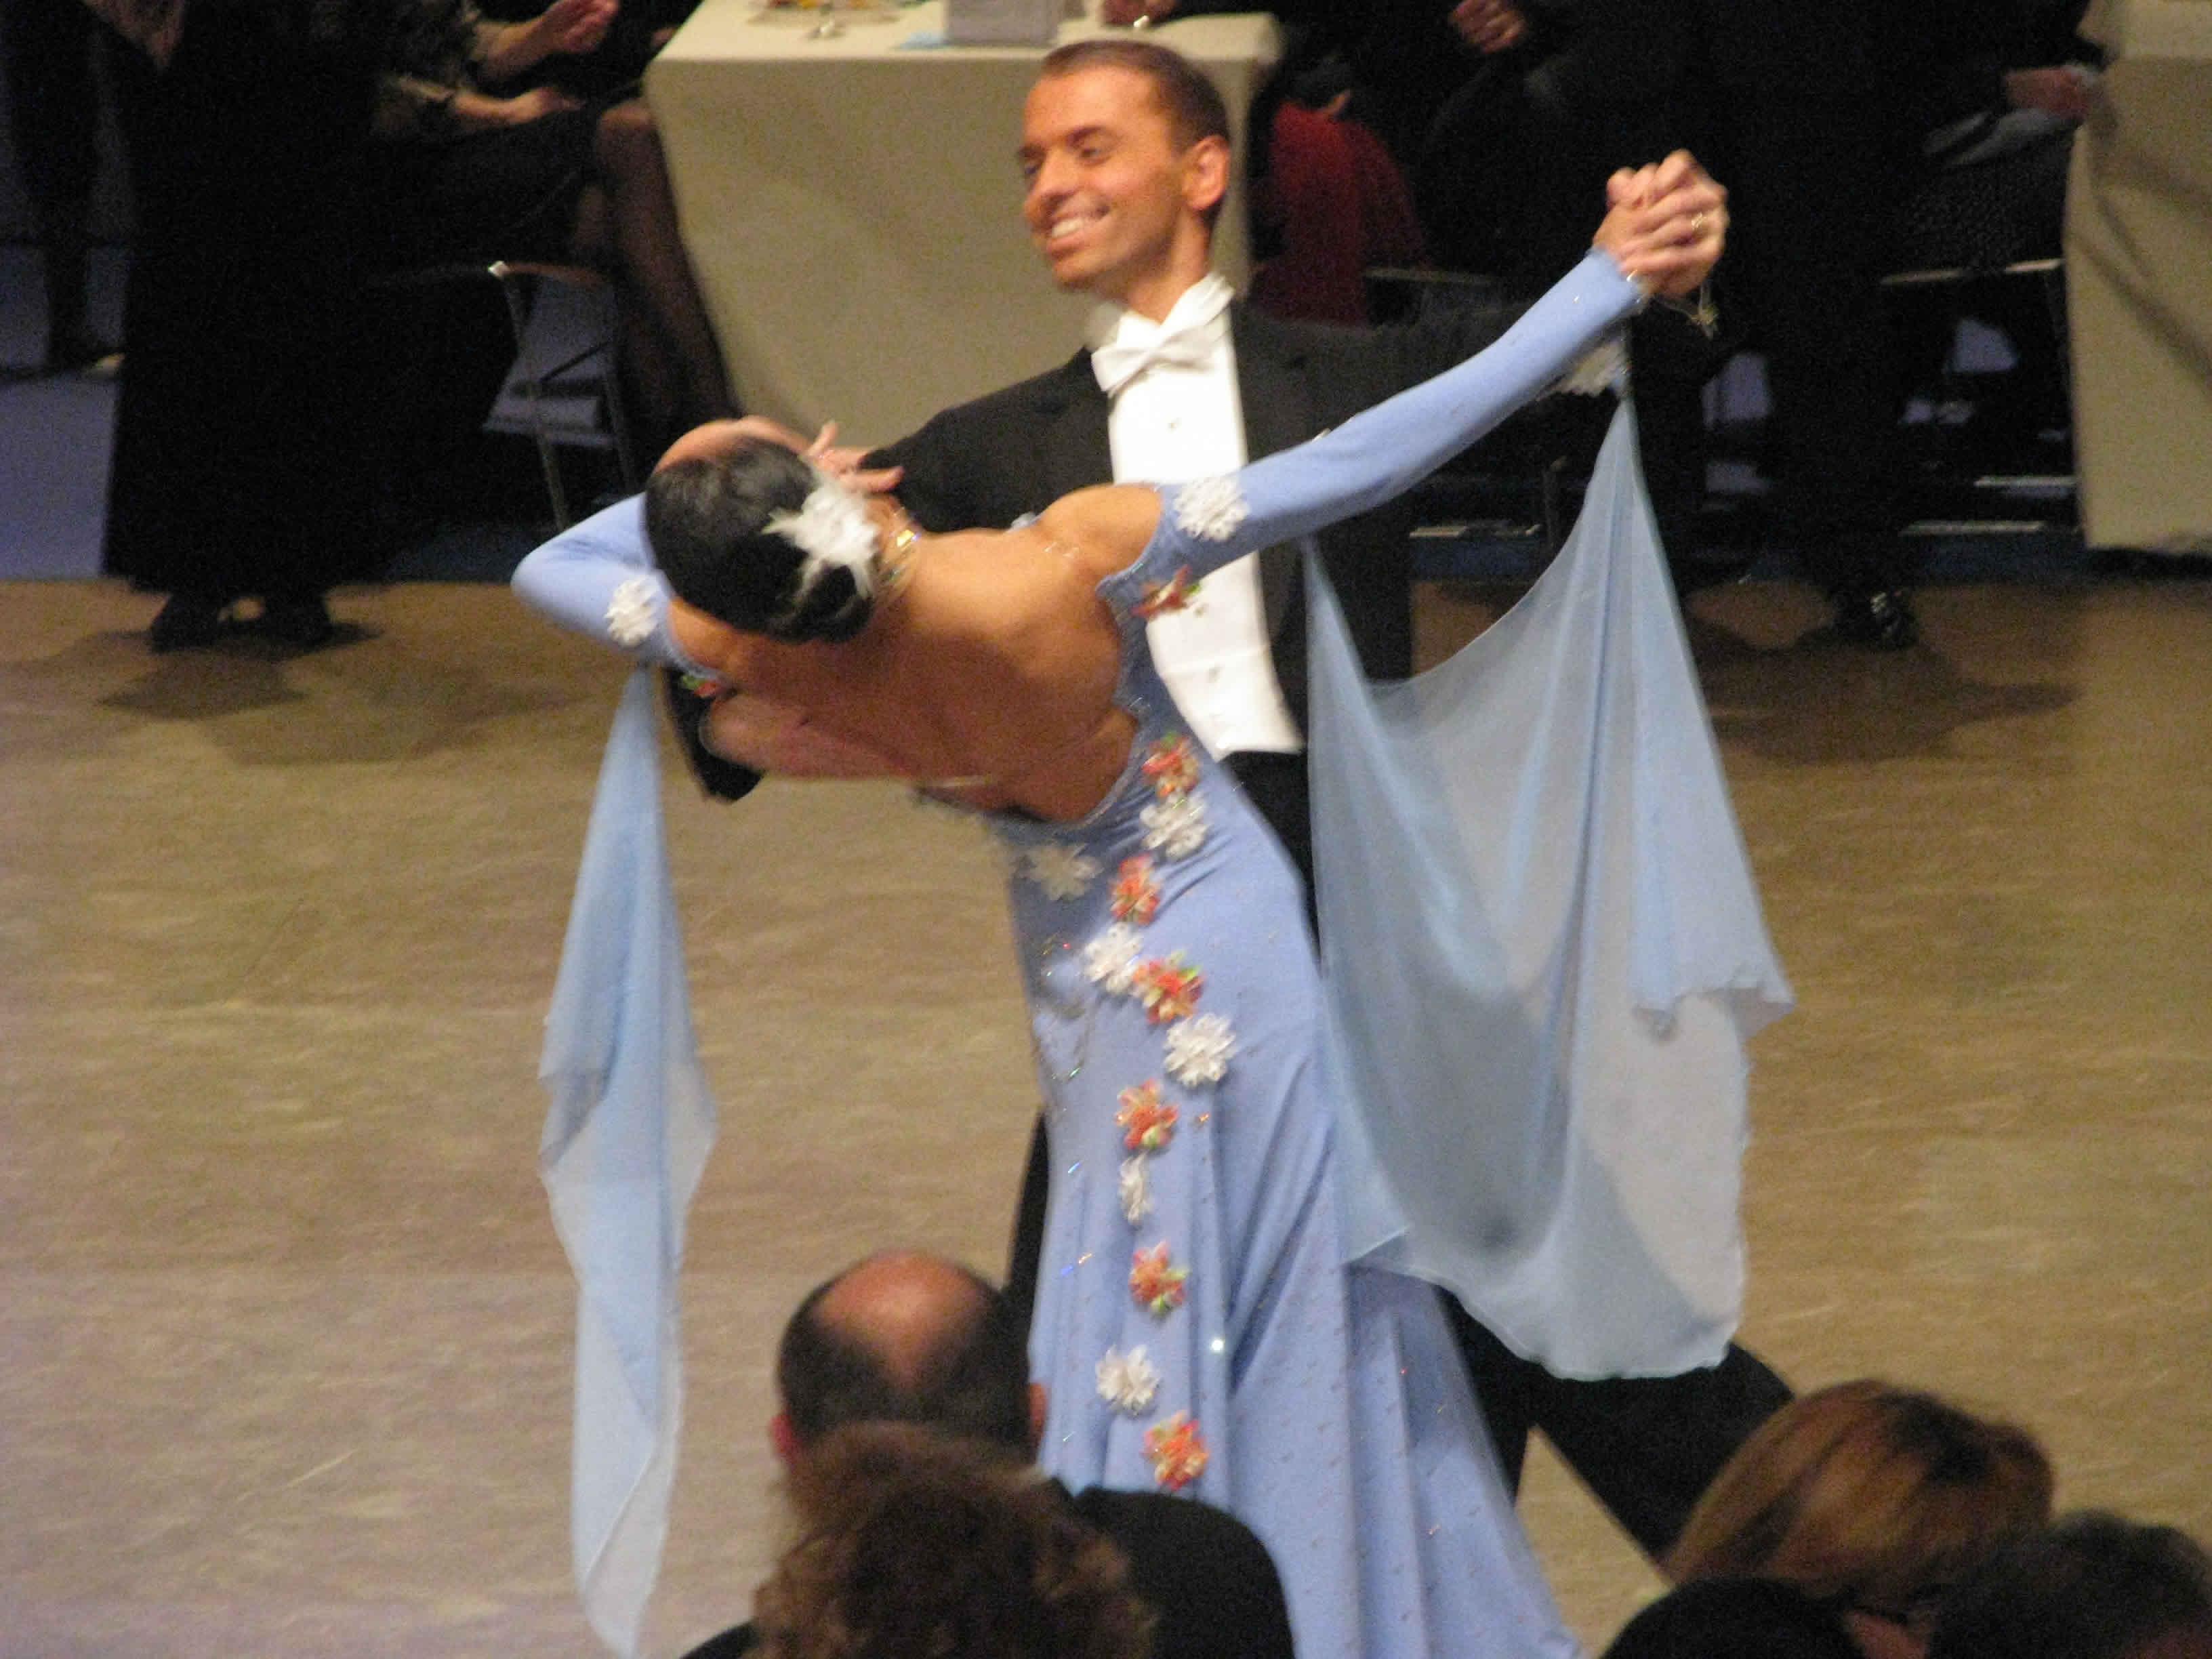 Centre de danse clanet toulouse salle de danse toulouse - Danse de salon paris ...